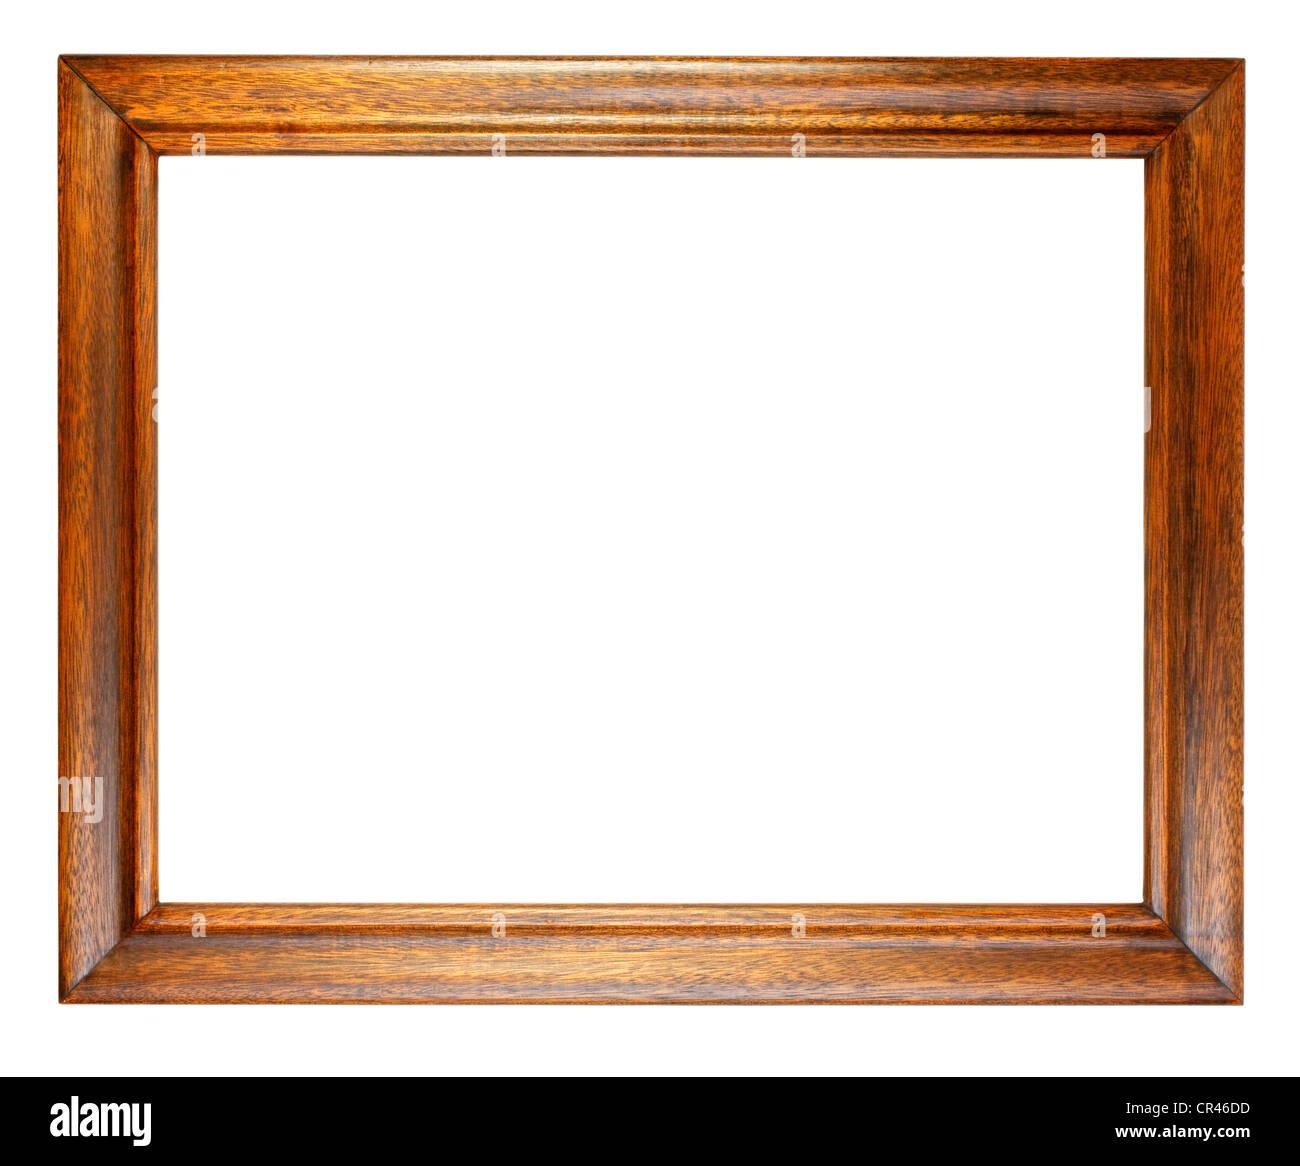 Einfache, alte, dunkle Eiche Bilderrahmen isoliert auf weiss. Stockbild